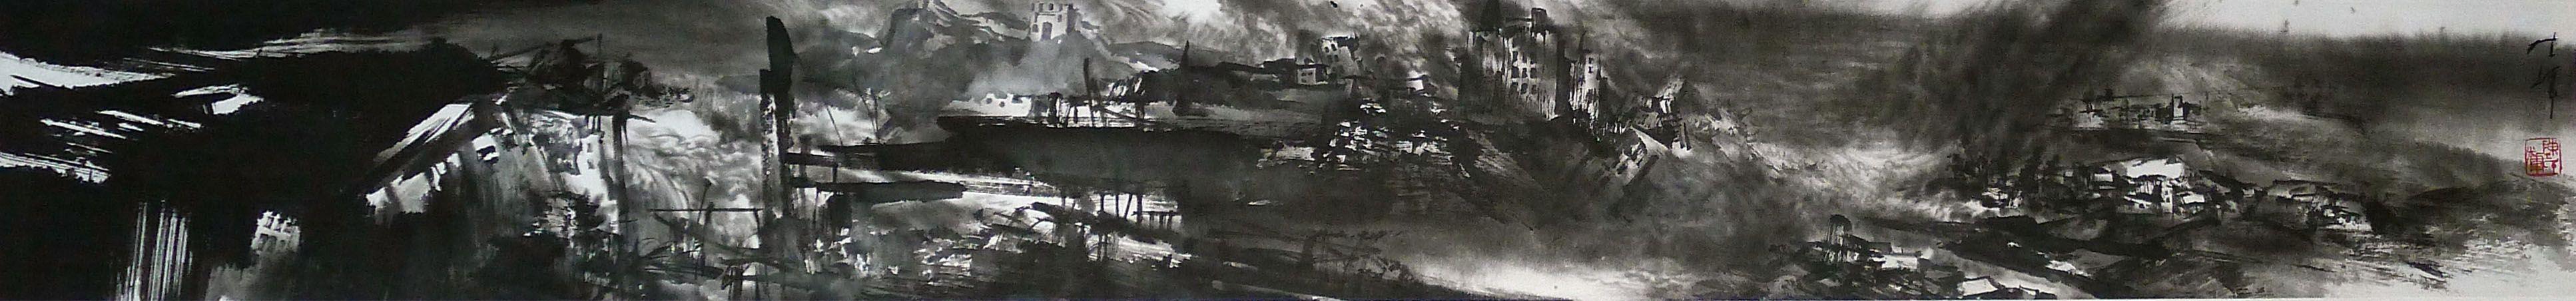 陈辉作品灾难系列之一